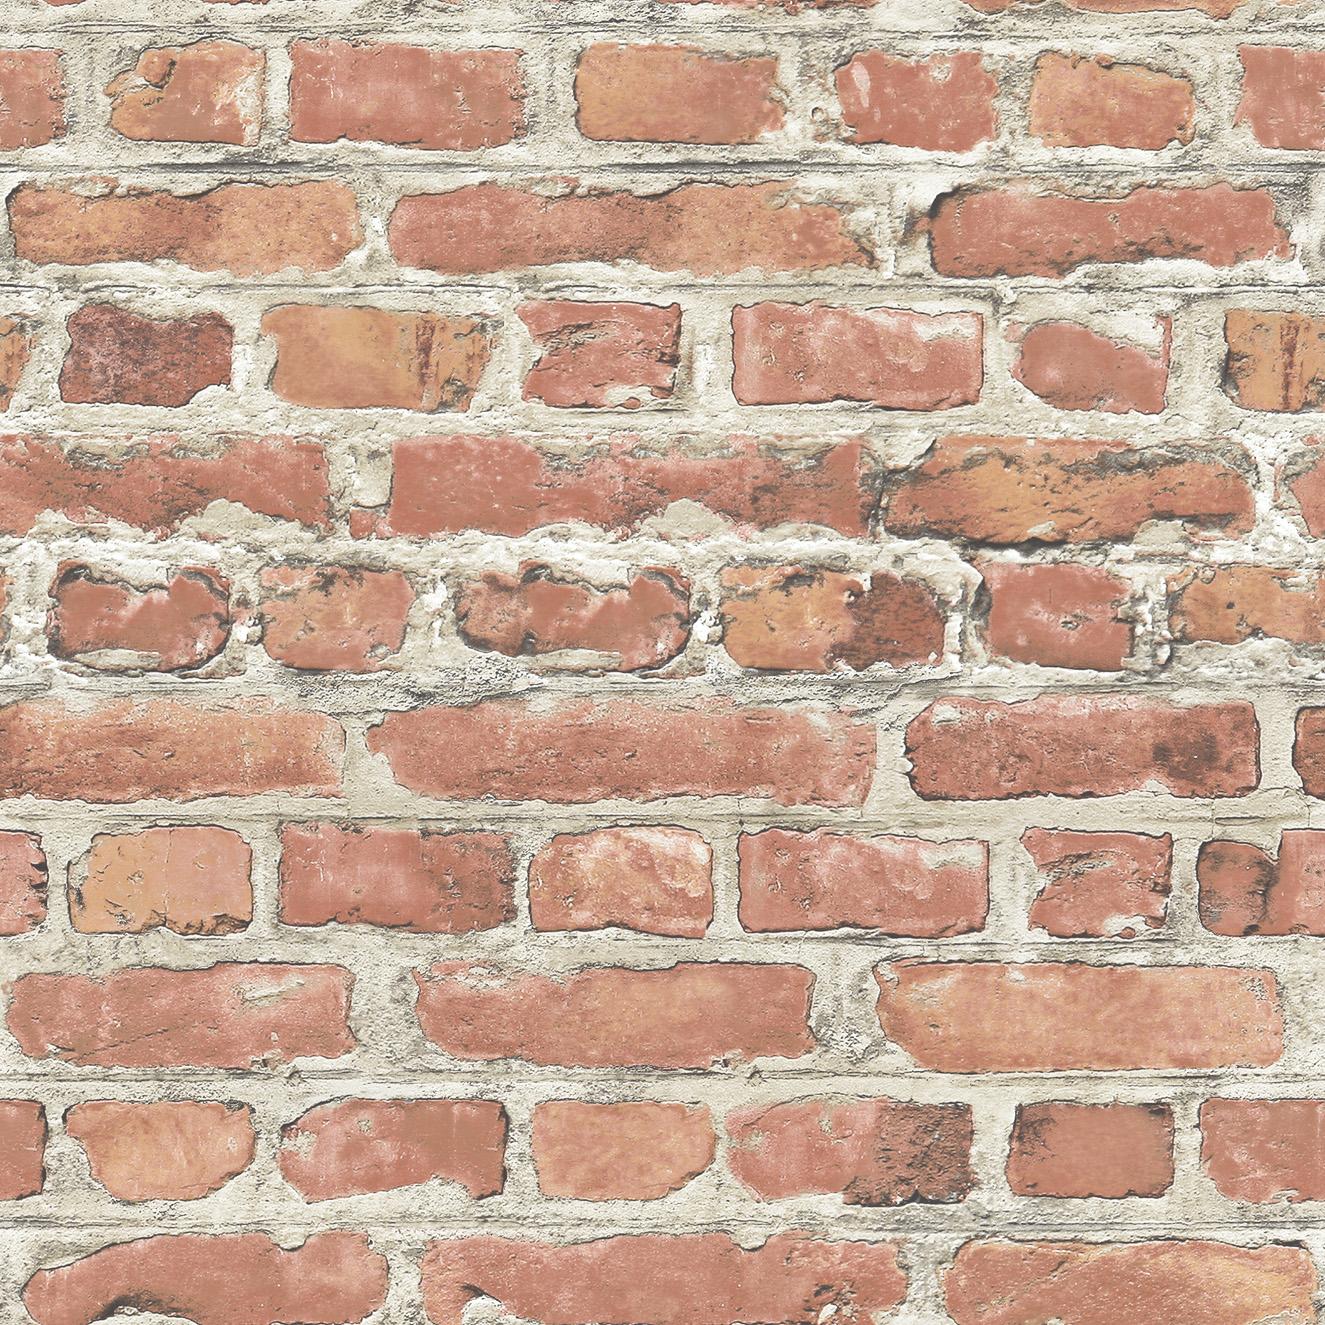 Rasch Terracotta Brick Wallpaper 235203 Go Wallpaper UK 1325x1325